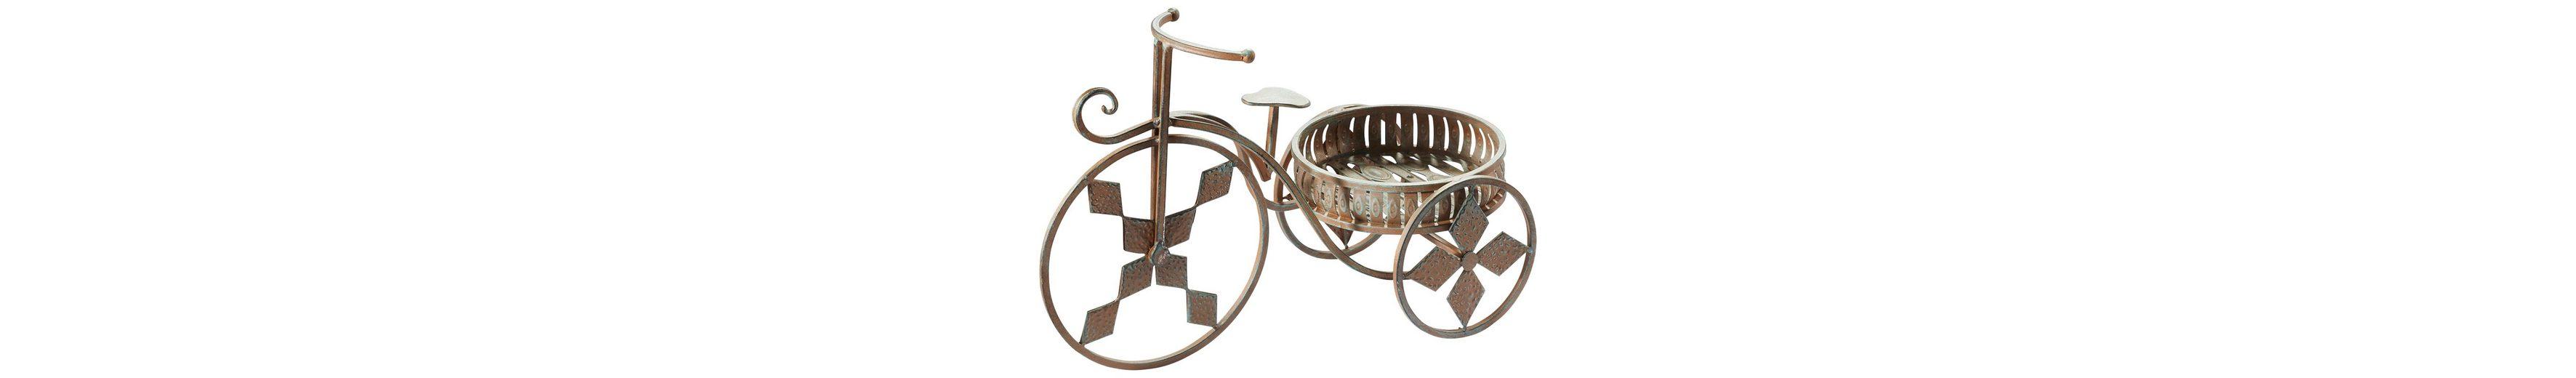 Home affaire Pflanzenständer »Fahrrad«